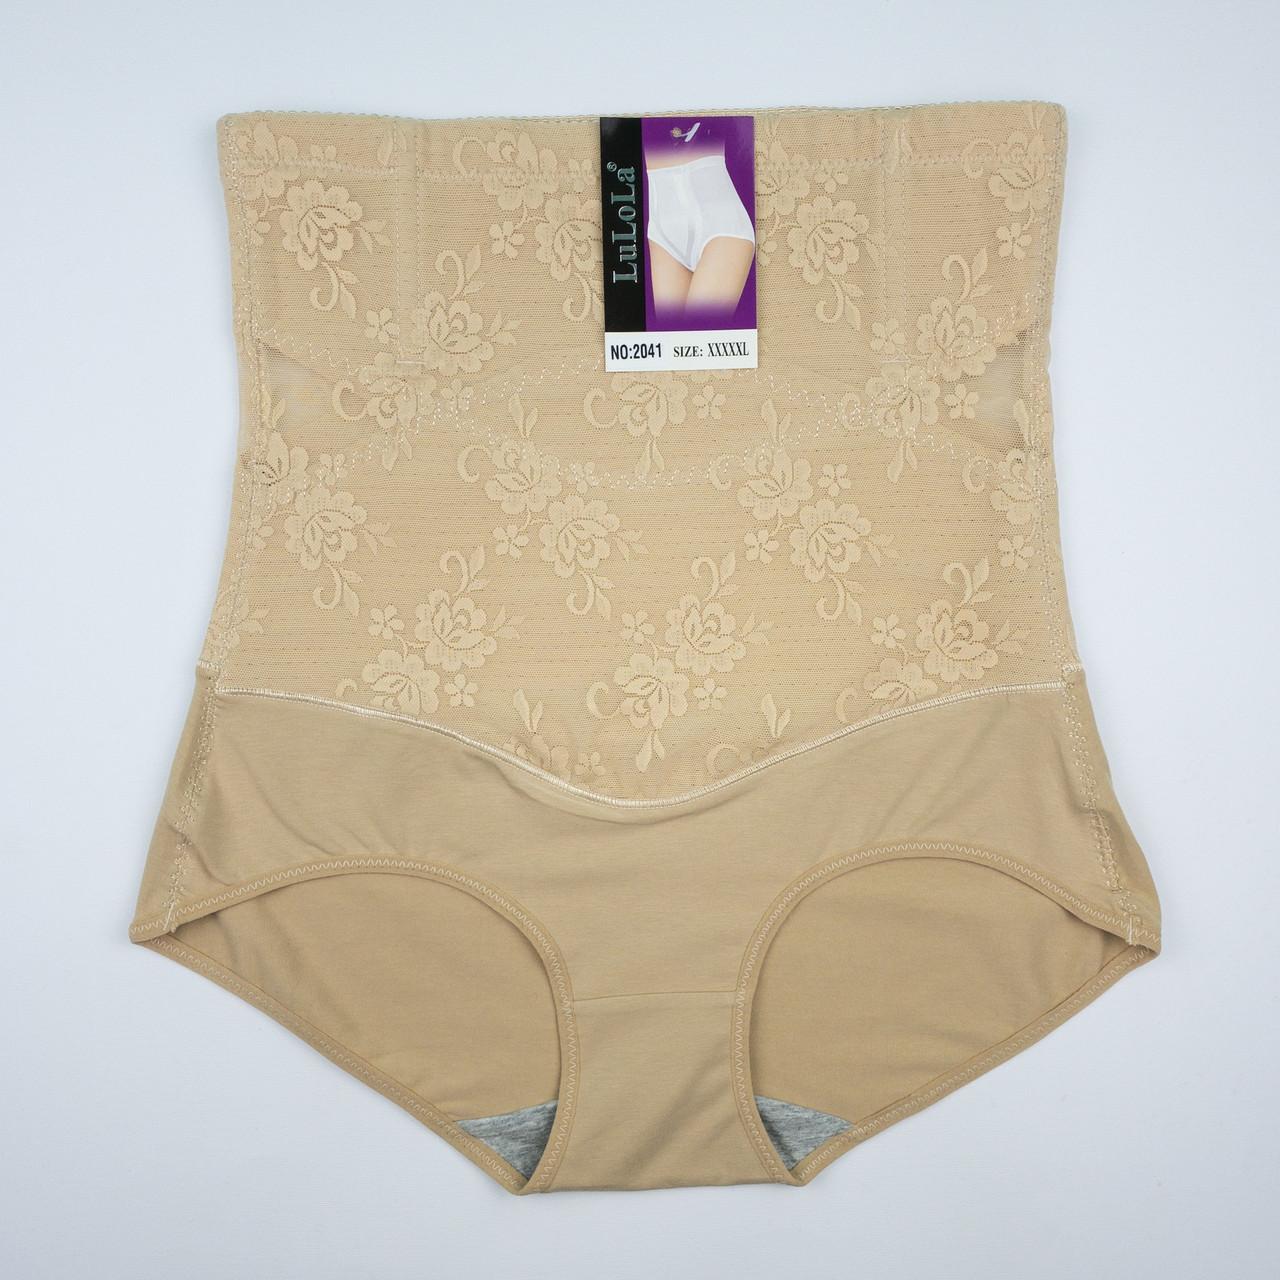 Пояс-утяжка LU LO LA высокие с дышащей подкладкой на косточках, в ажурную сеточку